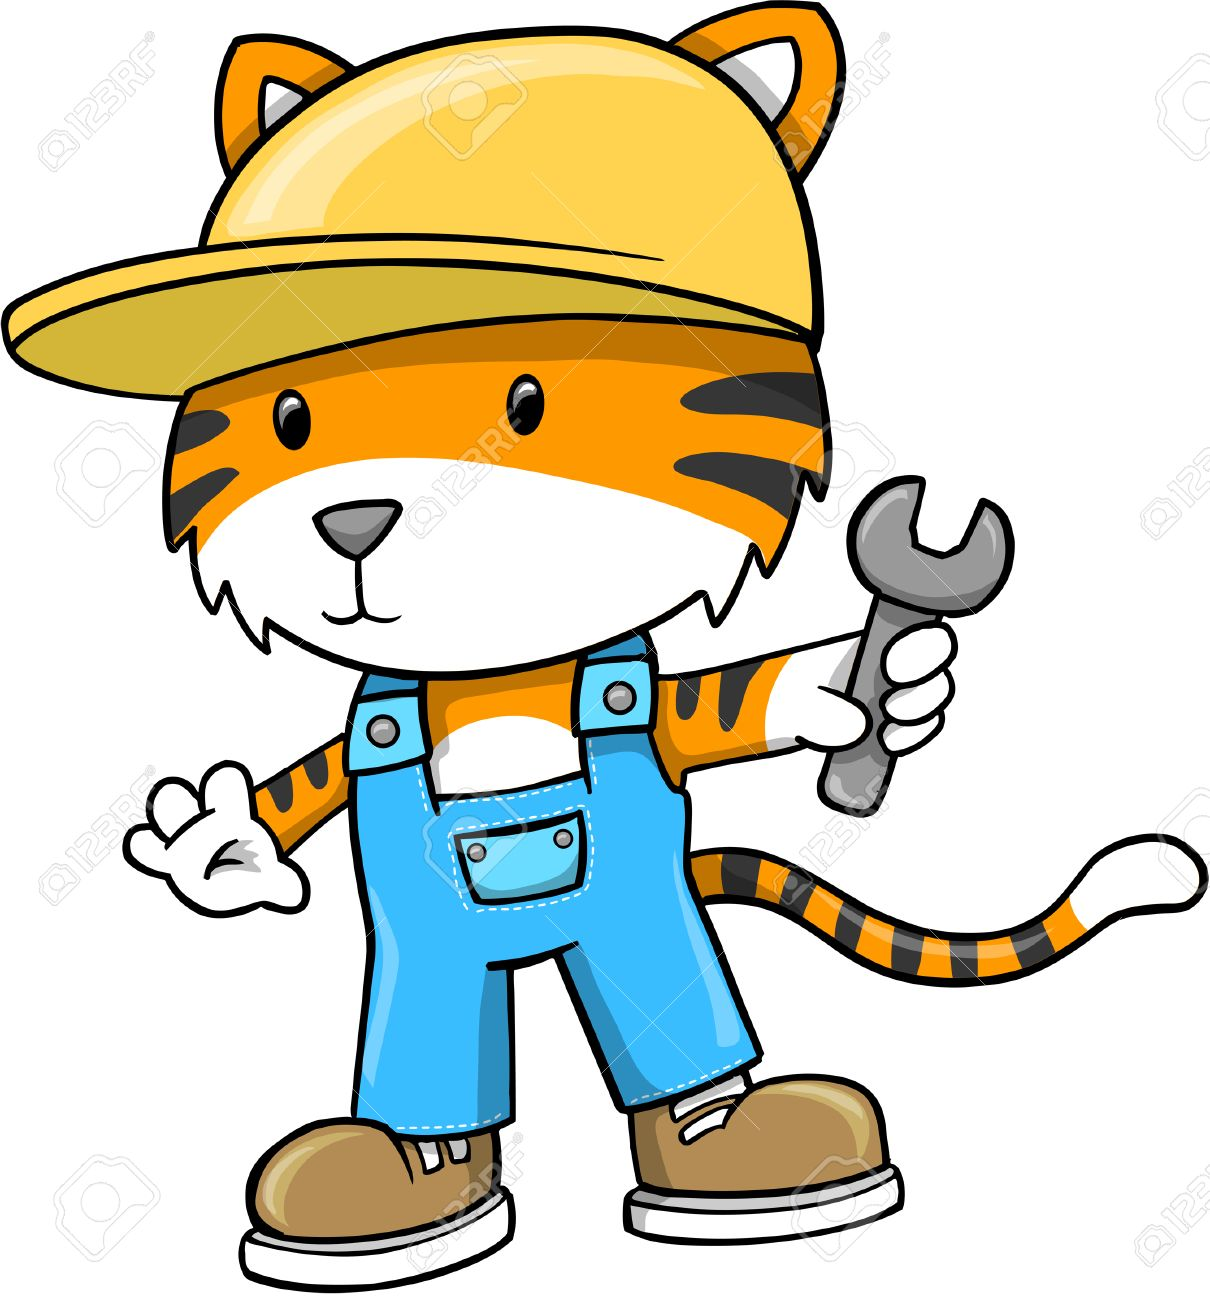 Construction Tiger Illustration - 6767025